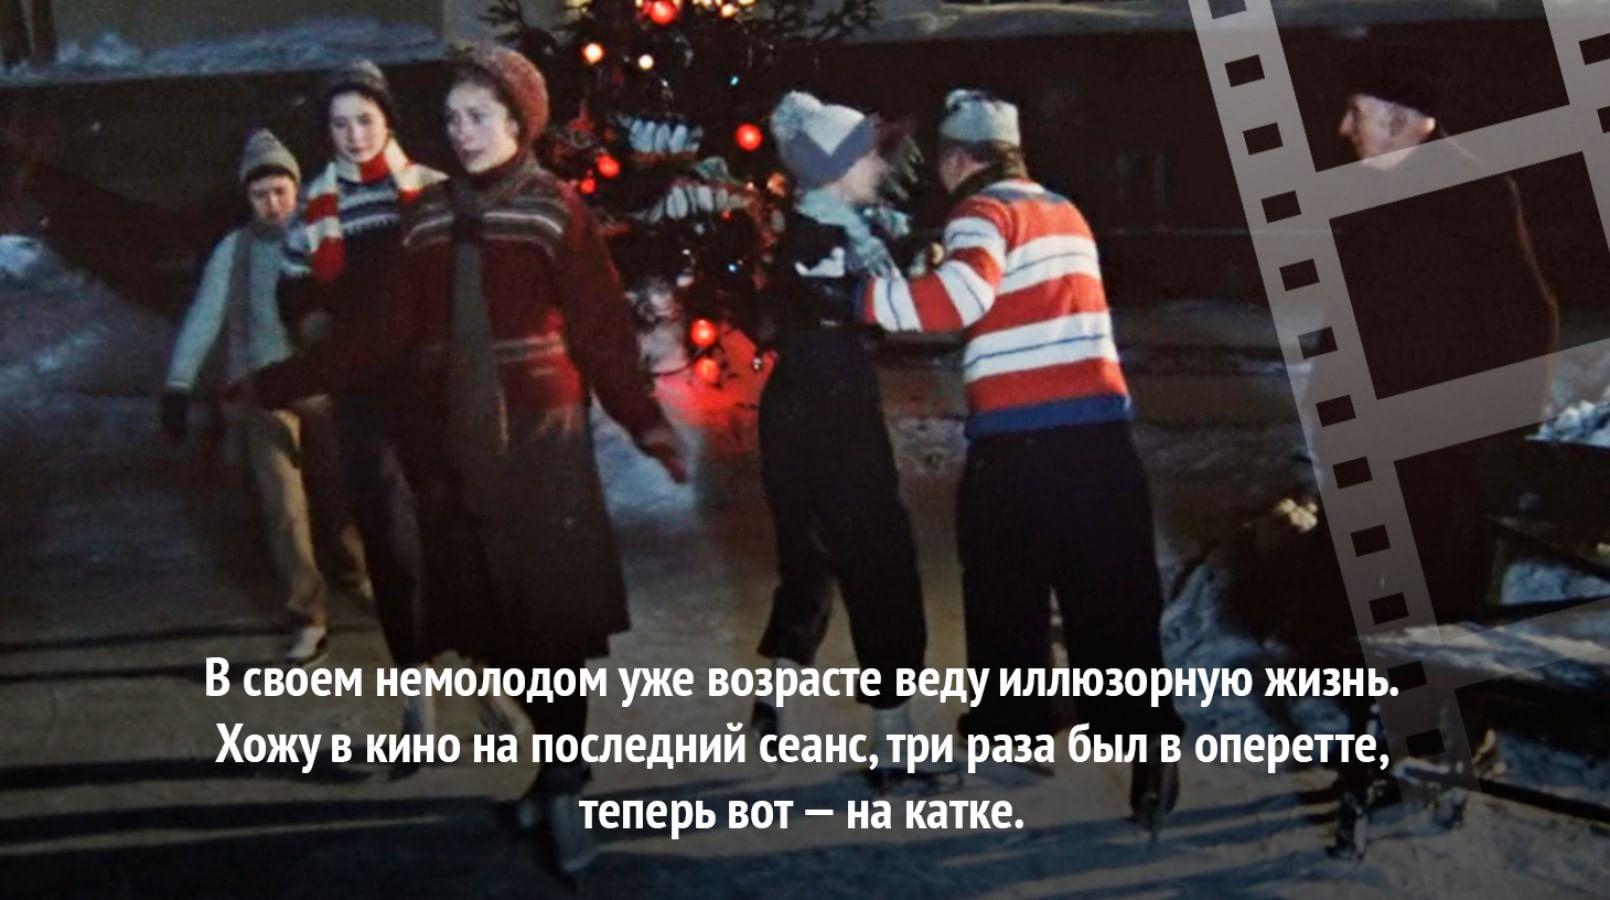 Отправиться на каток, как герой Анатолия Равиковича в фильме «Покровские ворота».